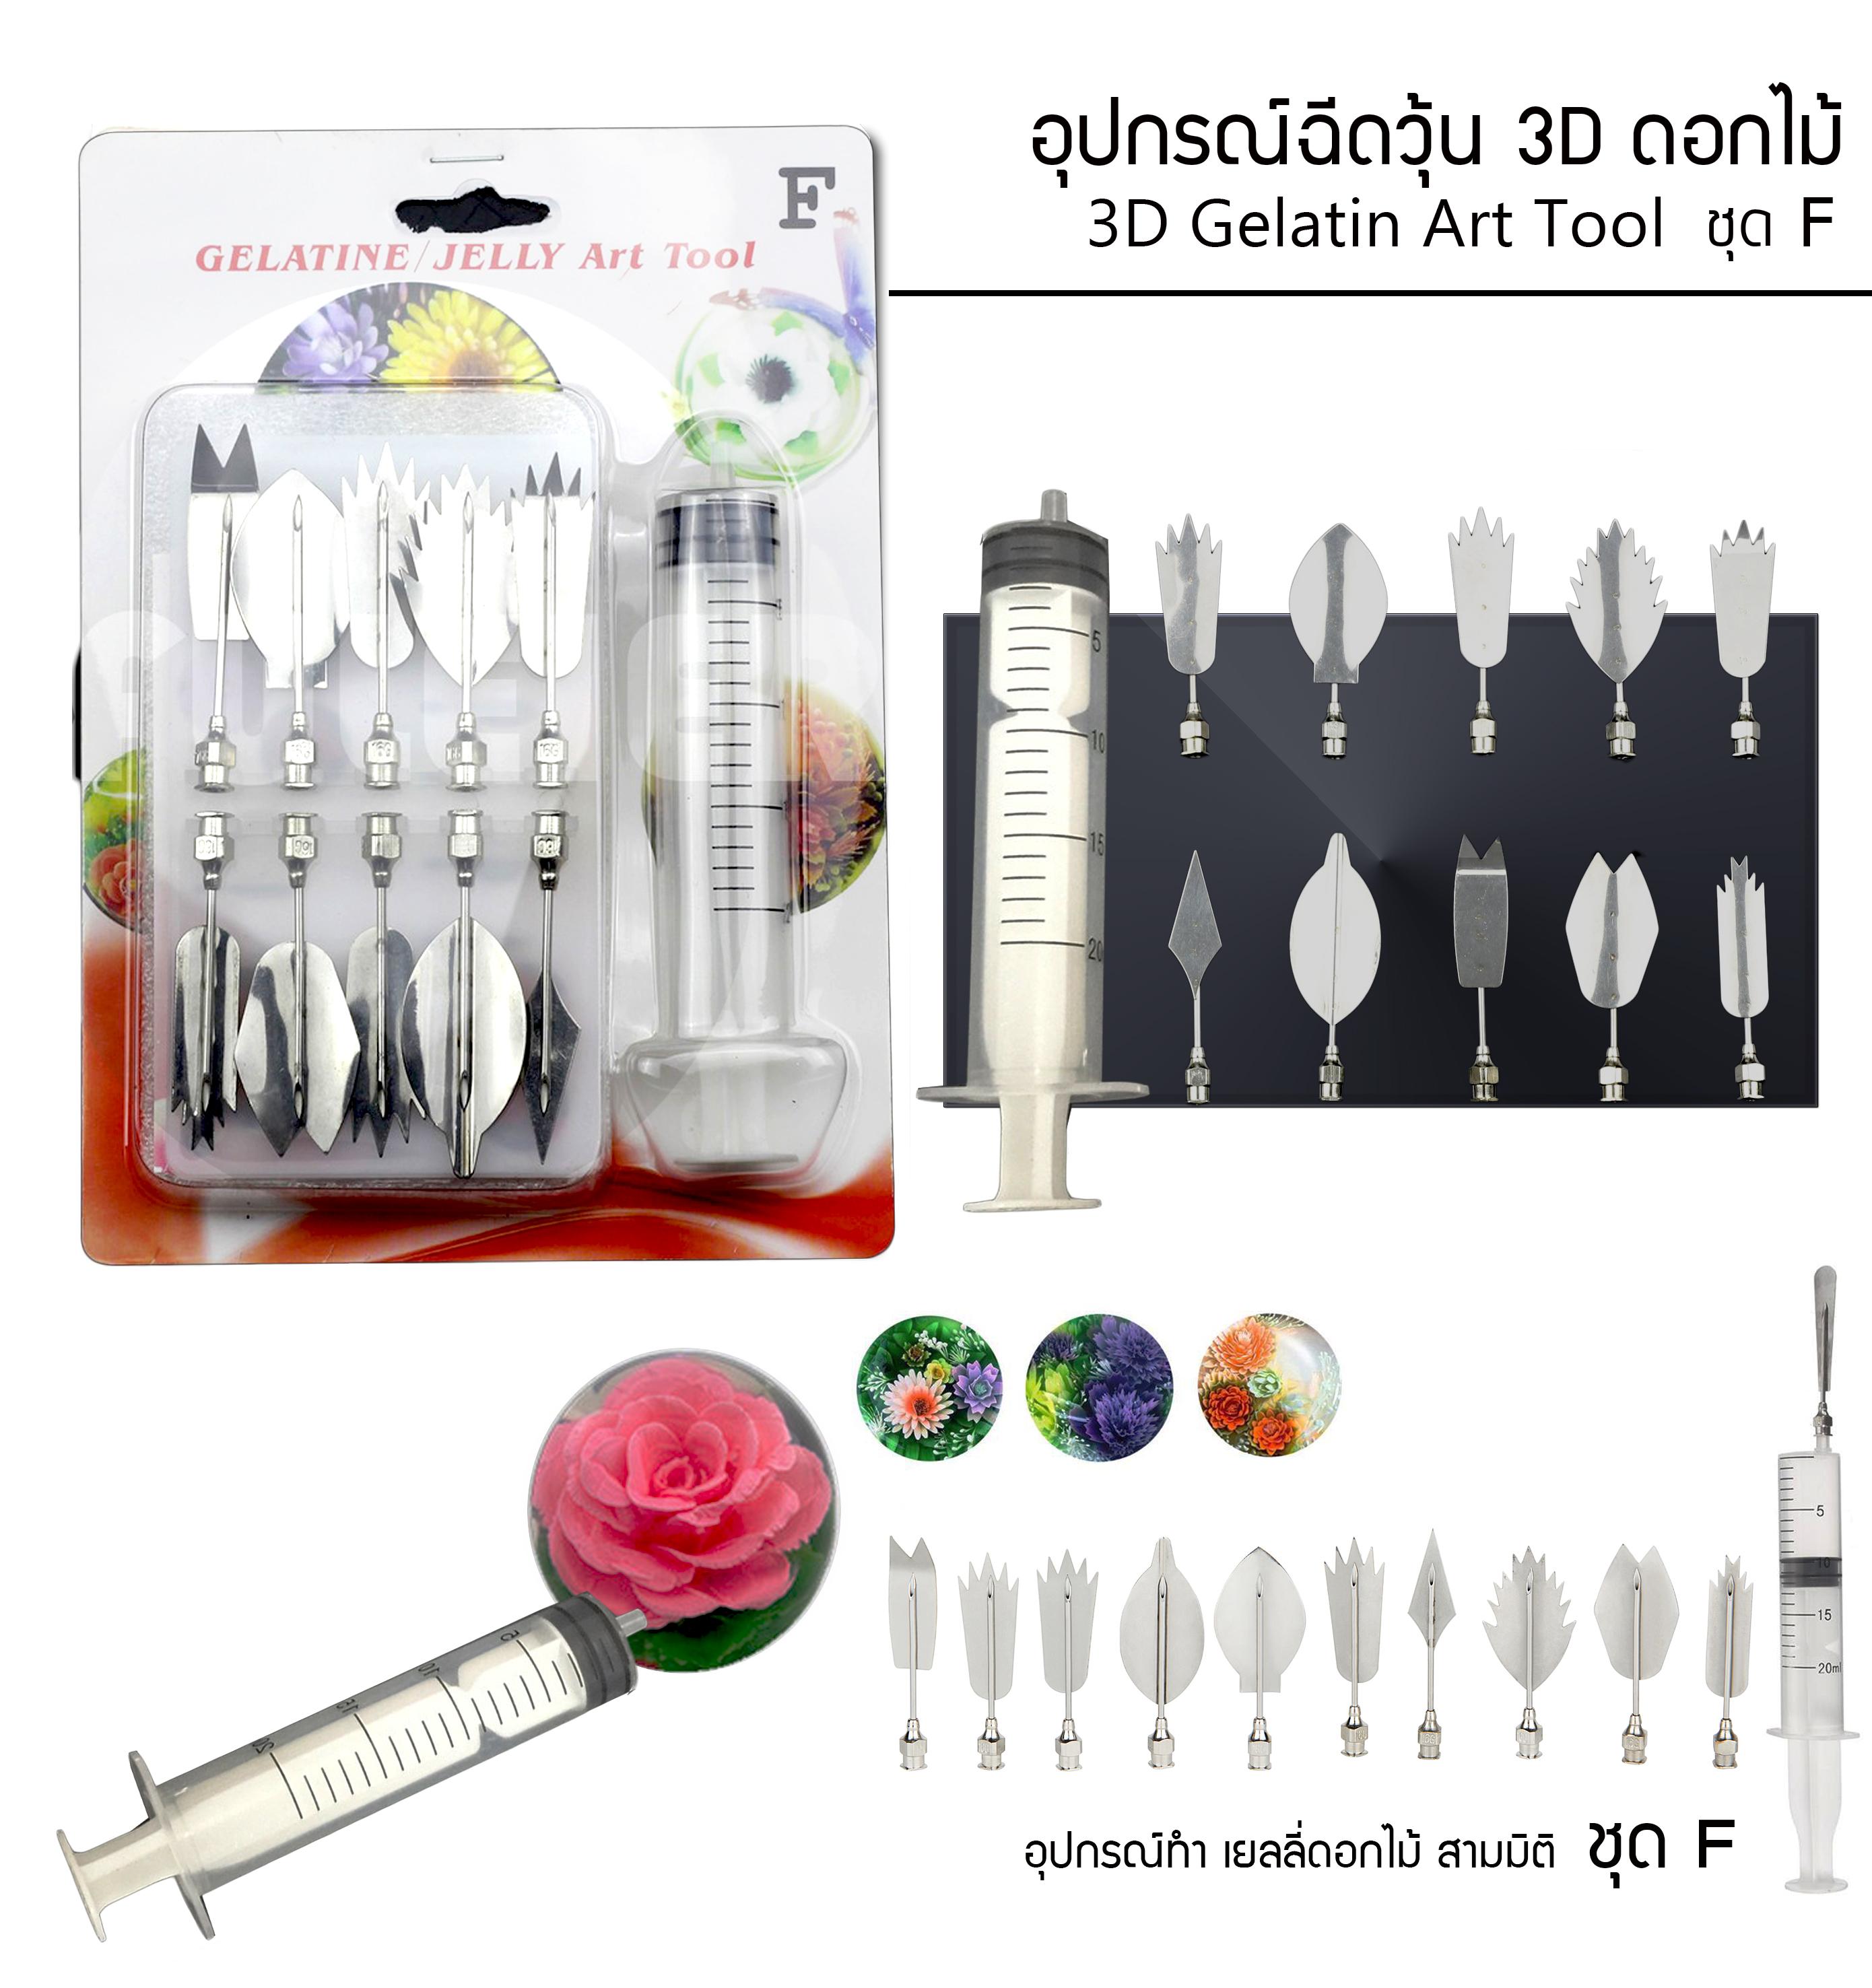 อุปกรณ์ ฉีดวุ้นดอกไม้ 3มิติ ชุดF (3D Gelatin Art Tool ชุด F)